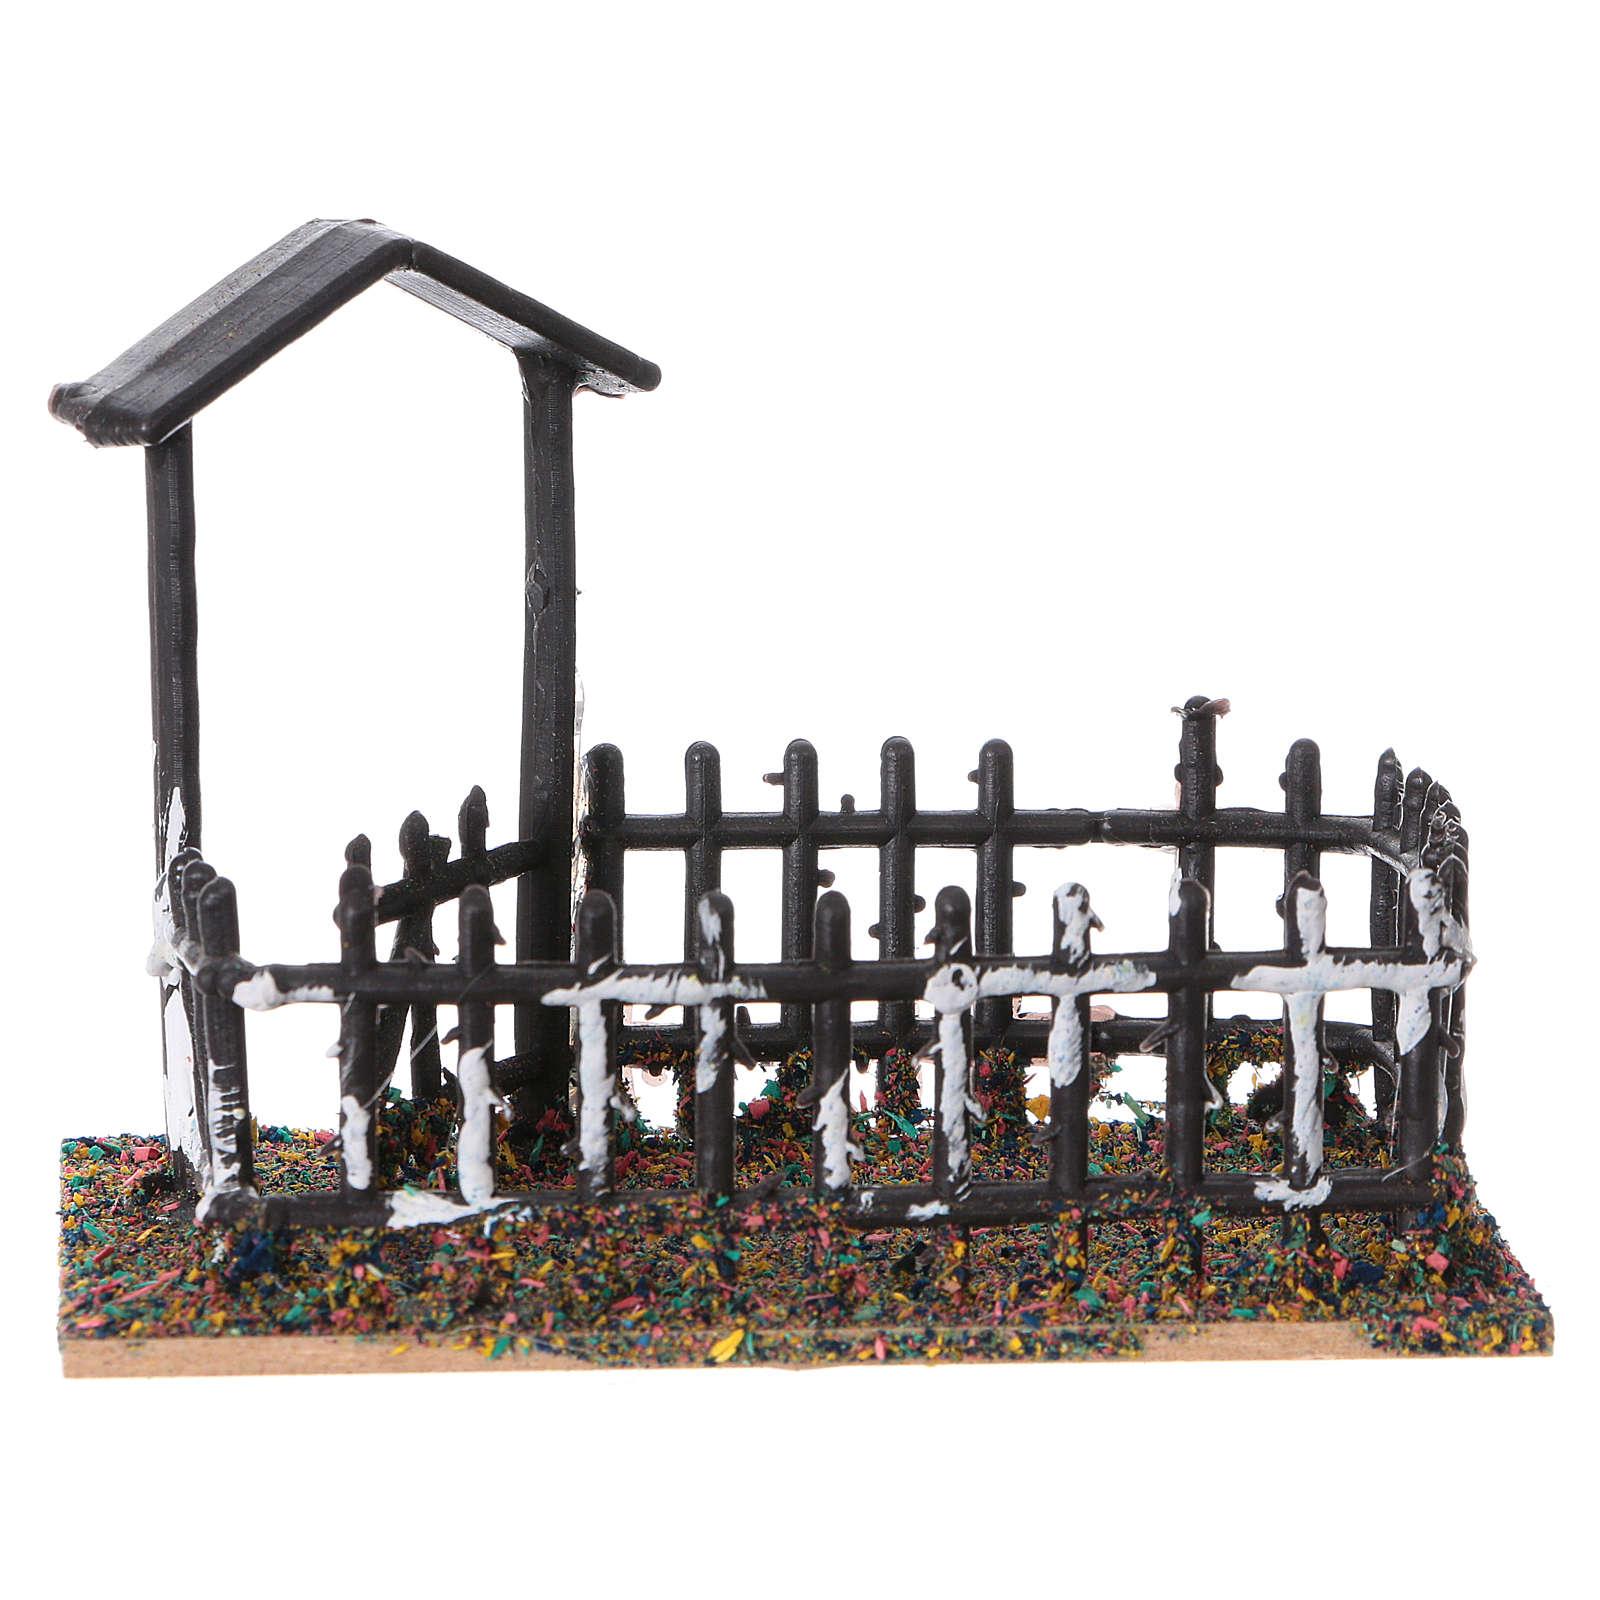 Plastic and cork animal enclosure 8x10x7 cm 3